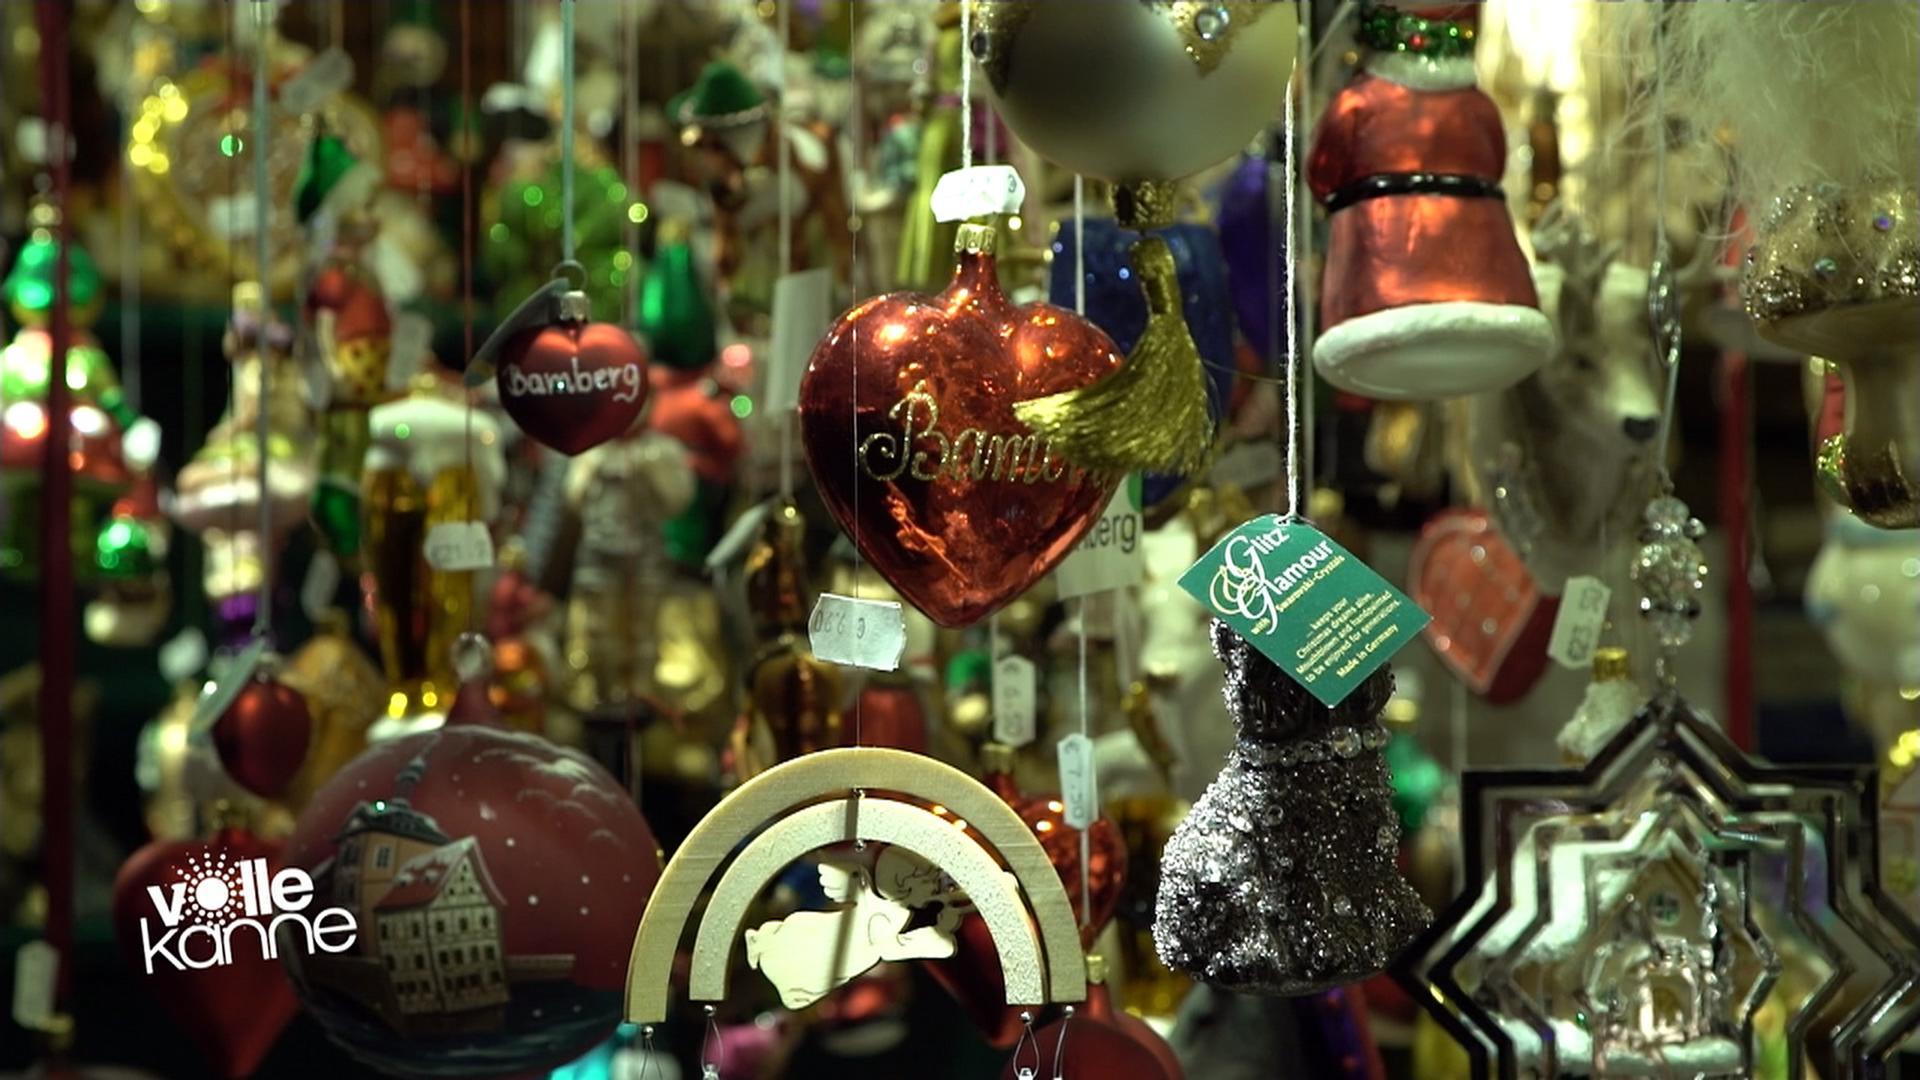 Bamberg Weihnachtsmarkt.Weihnachtsmarkt In Bamberg Zdfmediathek